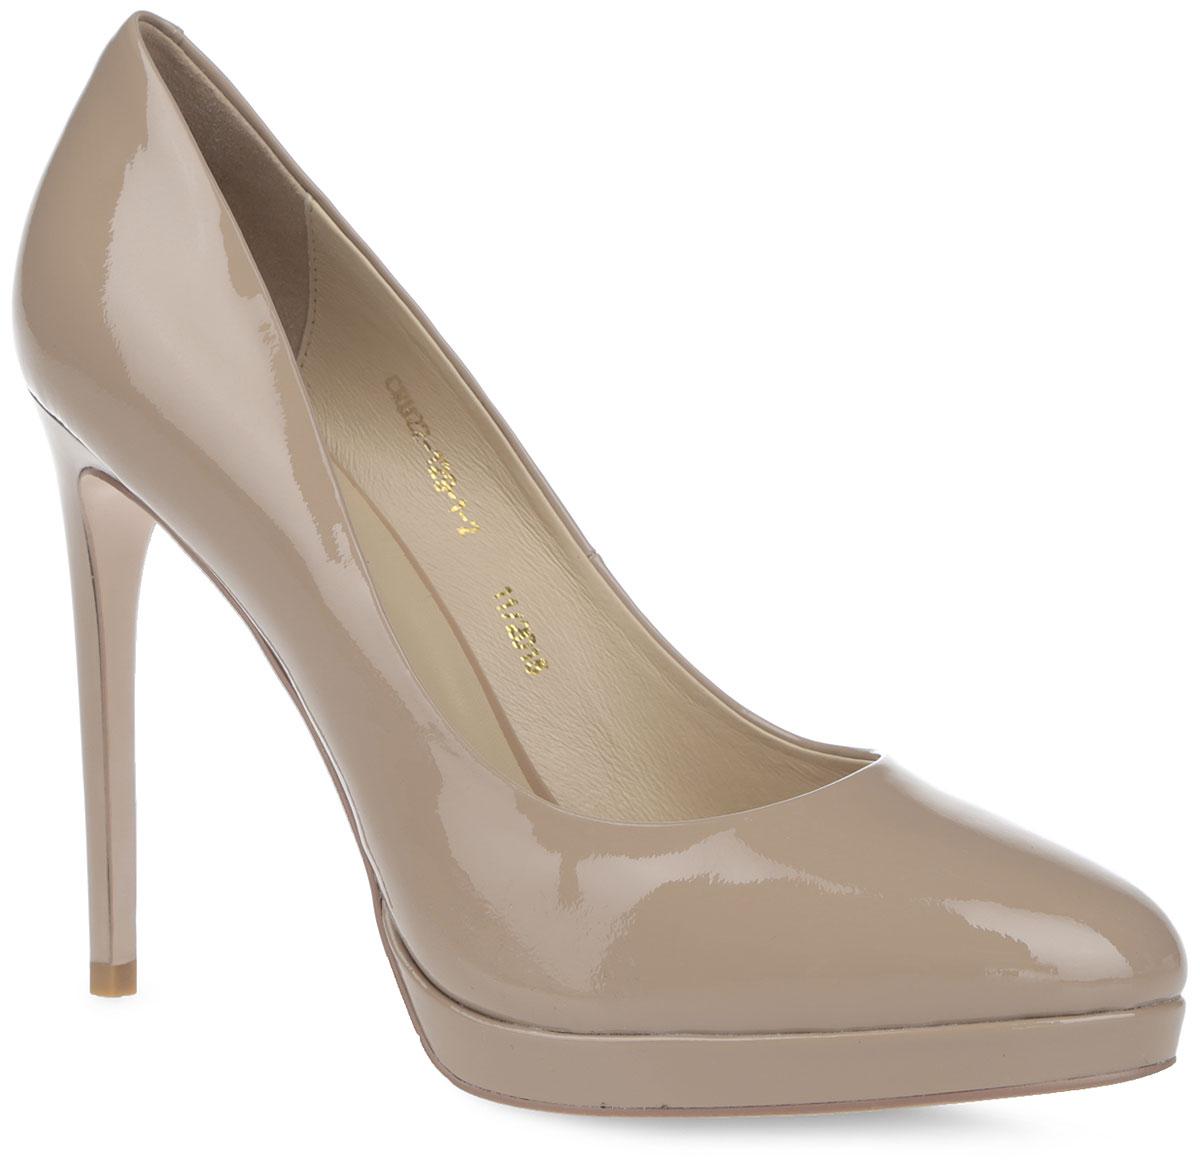 Туфли женские. CRH22_129-1-2_BEIGECRH22_129-1-2_BEIGEКлассические женские туфли от El Tempo - незаменимая вещь в гардеробе каждой модницы. Модель выполнена из натуральной лакированной кожи. Закругленный мысок и высокий каблук-шпилька добавят женственности в ваш образ. Подкладка и стелька, выполненные из натуральной кожи, позволяют ногам дышать и обеспечивают комфорт. Каблук компенсирован платформой. Подошва с рифлением обеспечивает отличное сцепление с любой поверхностью. Изысканные туфли добавят шика в модный образ и подчеркнут ваш безупречный вкус.